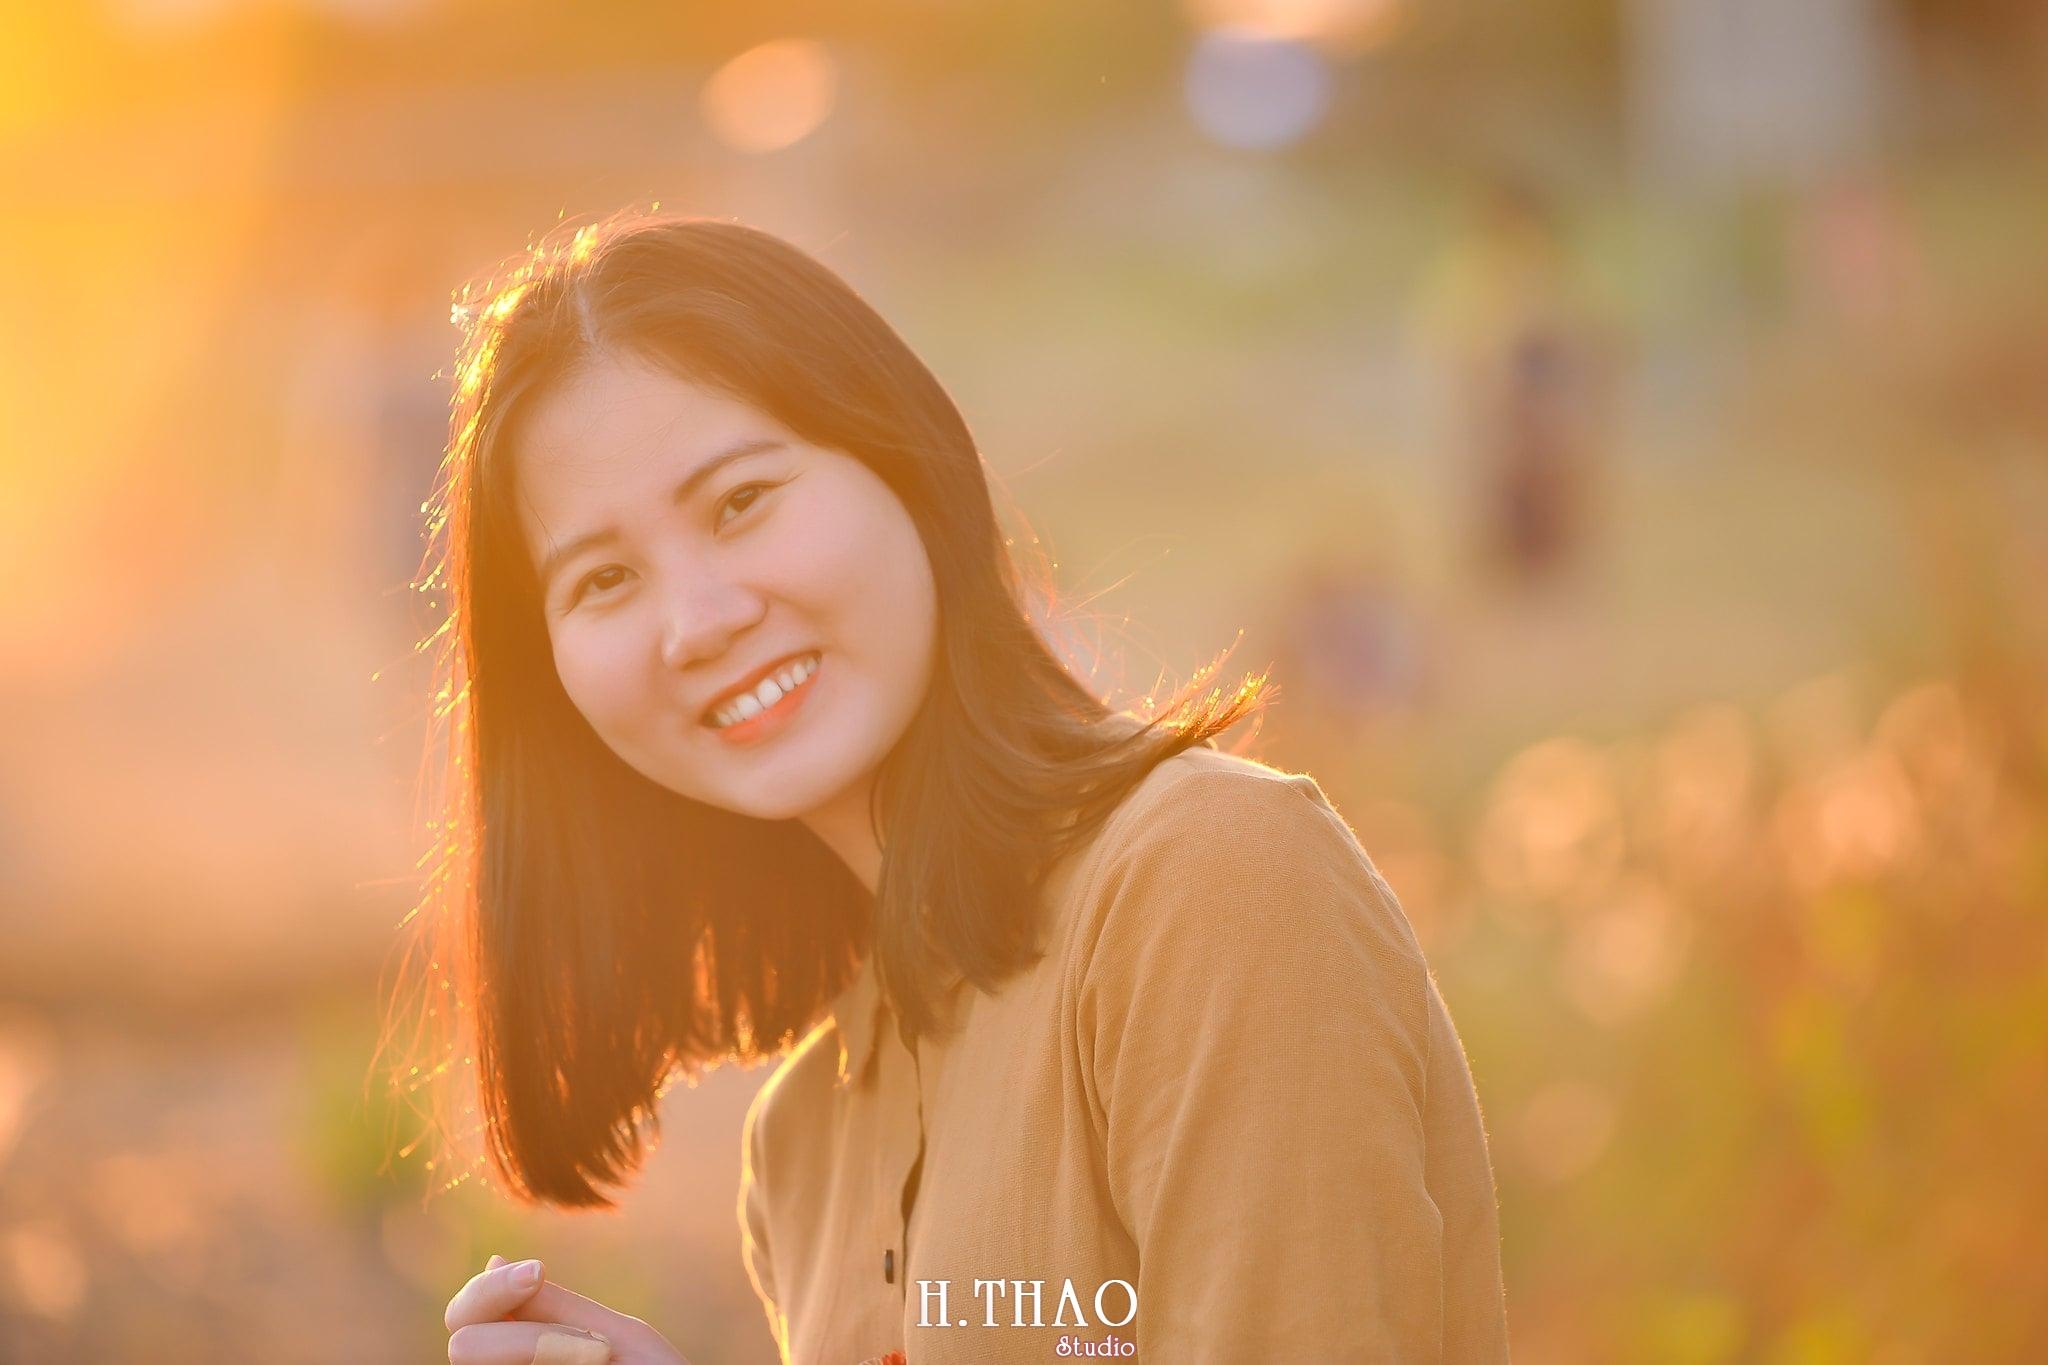 Co lau quan 9 10 min - Góc ảnh cỏ lau quận 2 tuyệt đẹp với nắng chiều - HThao Studio